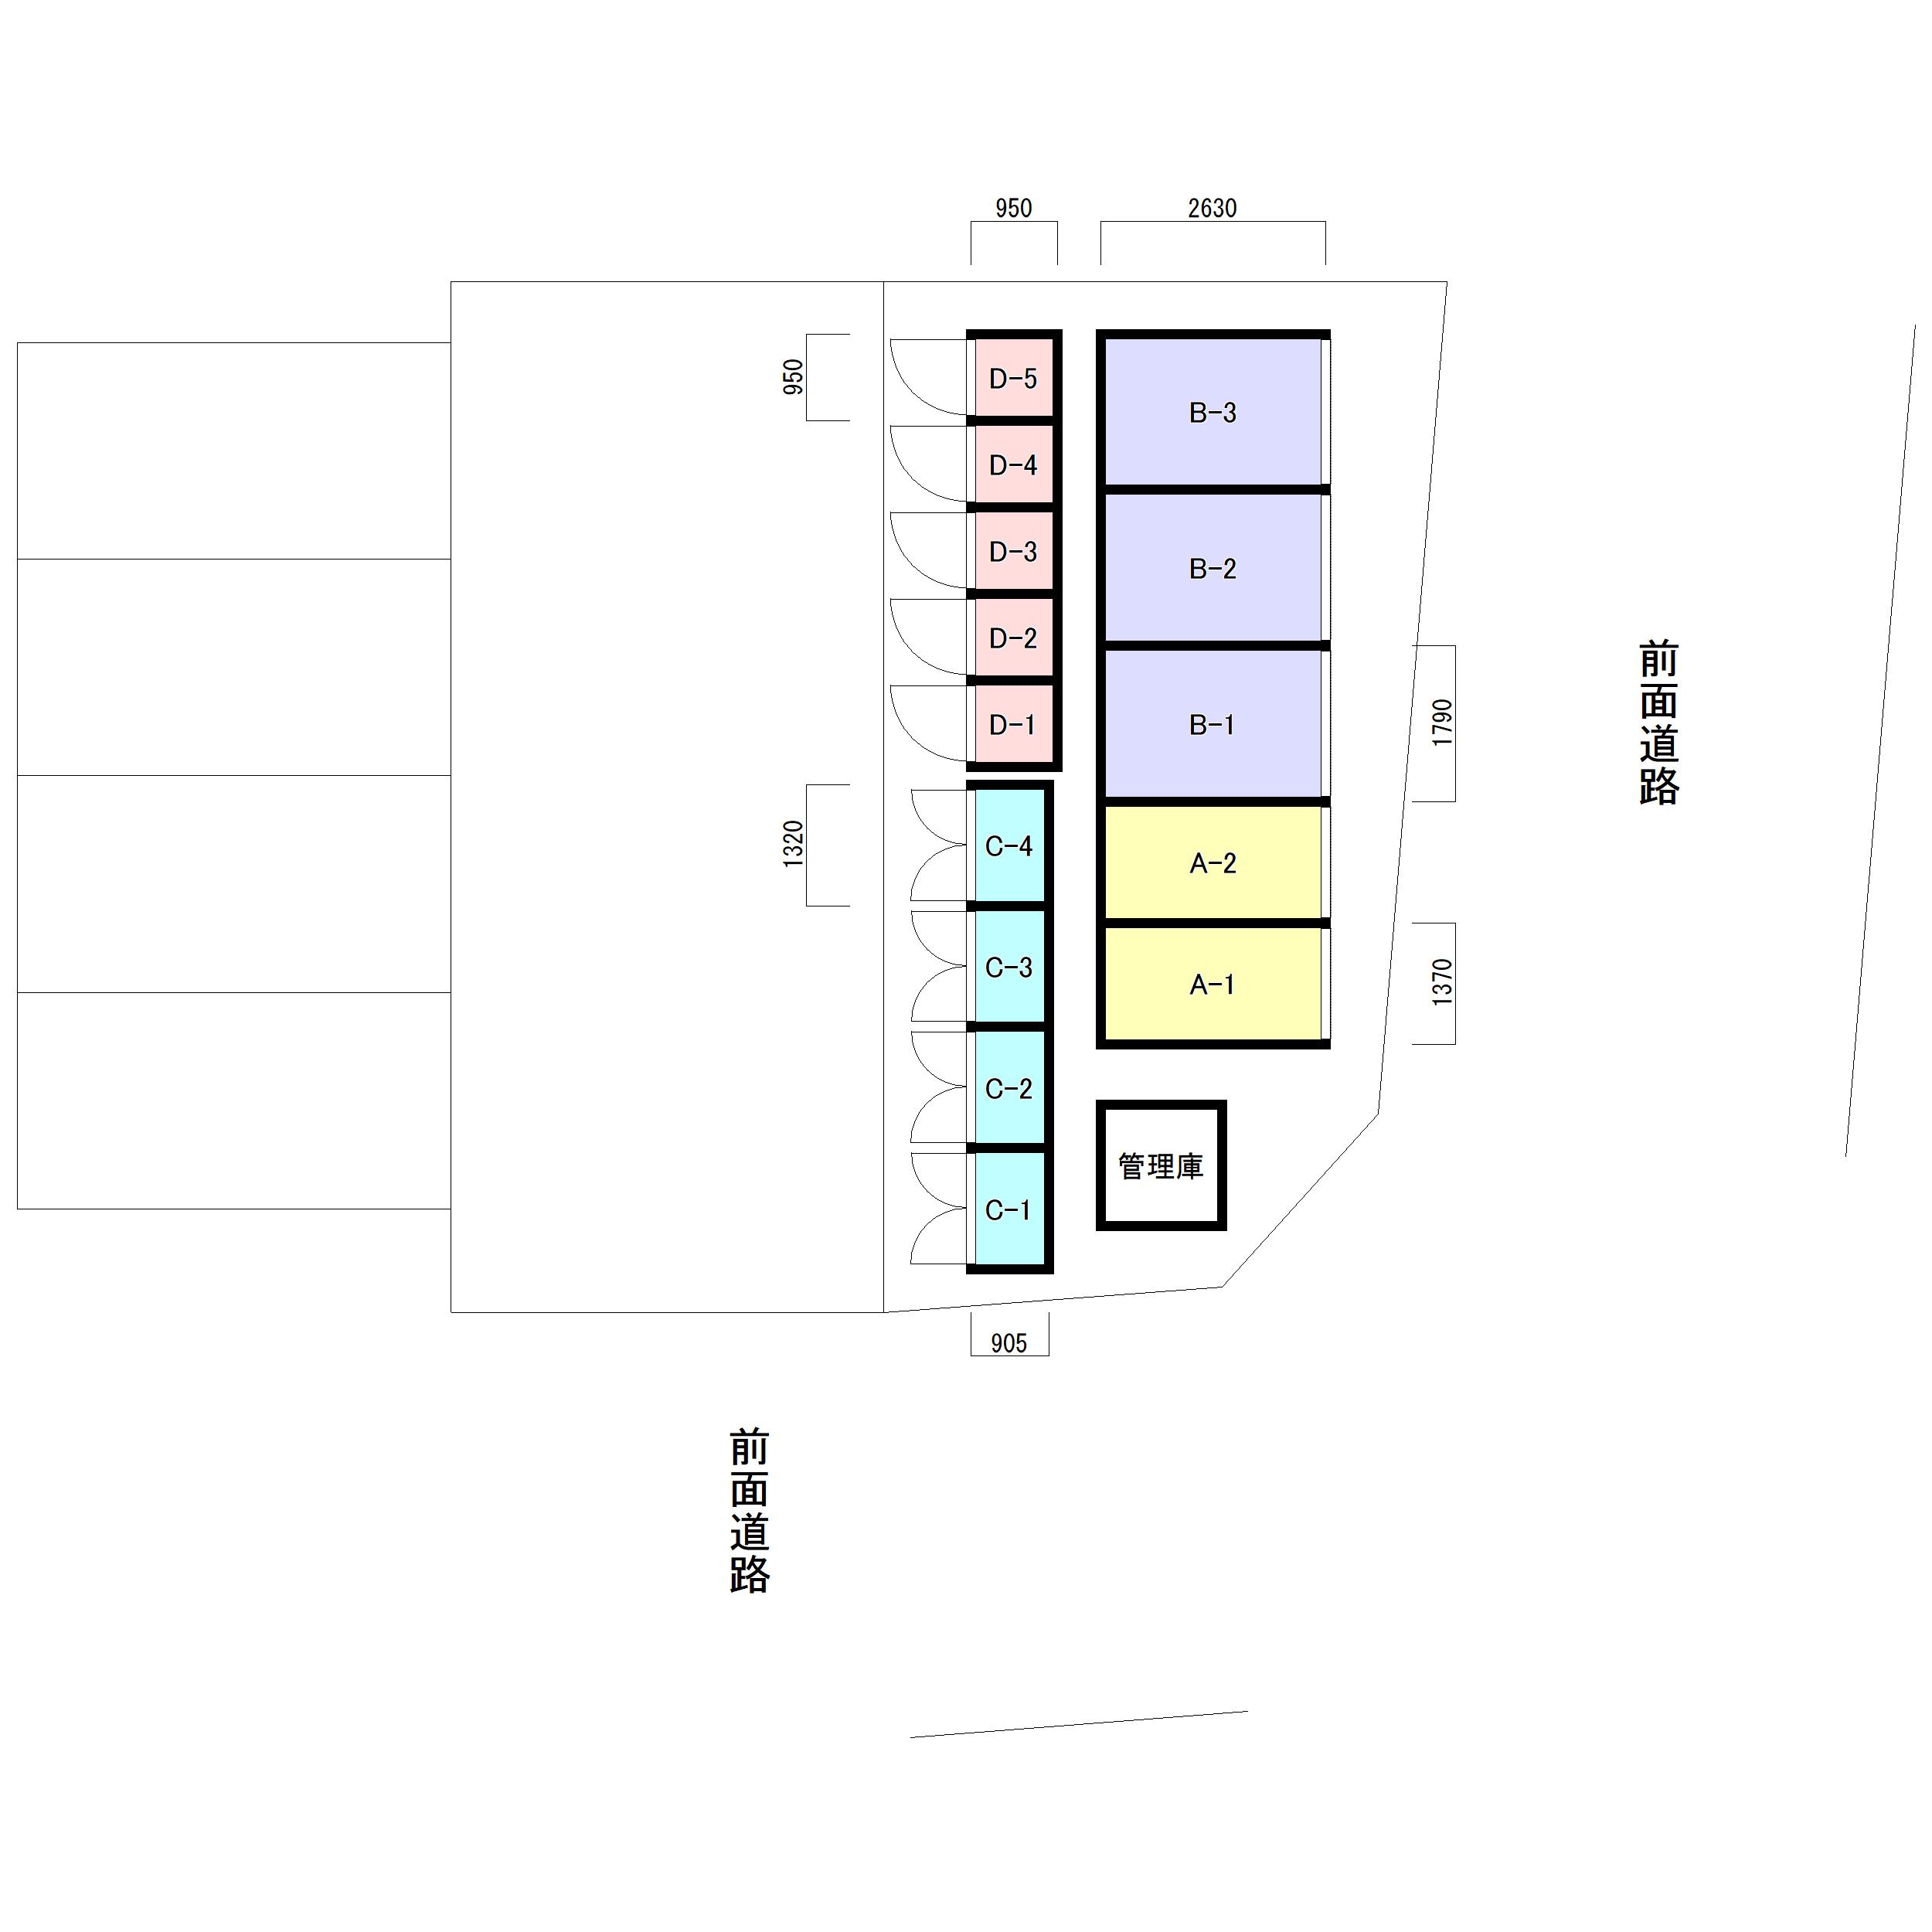 NPトランク清瀬元町Ⅱ(区画図)